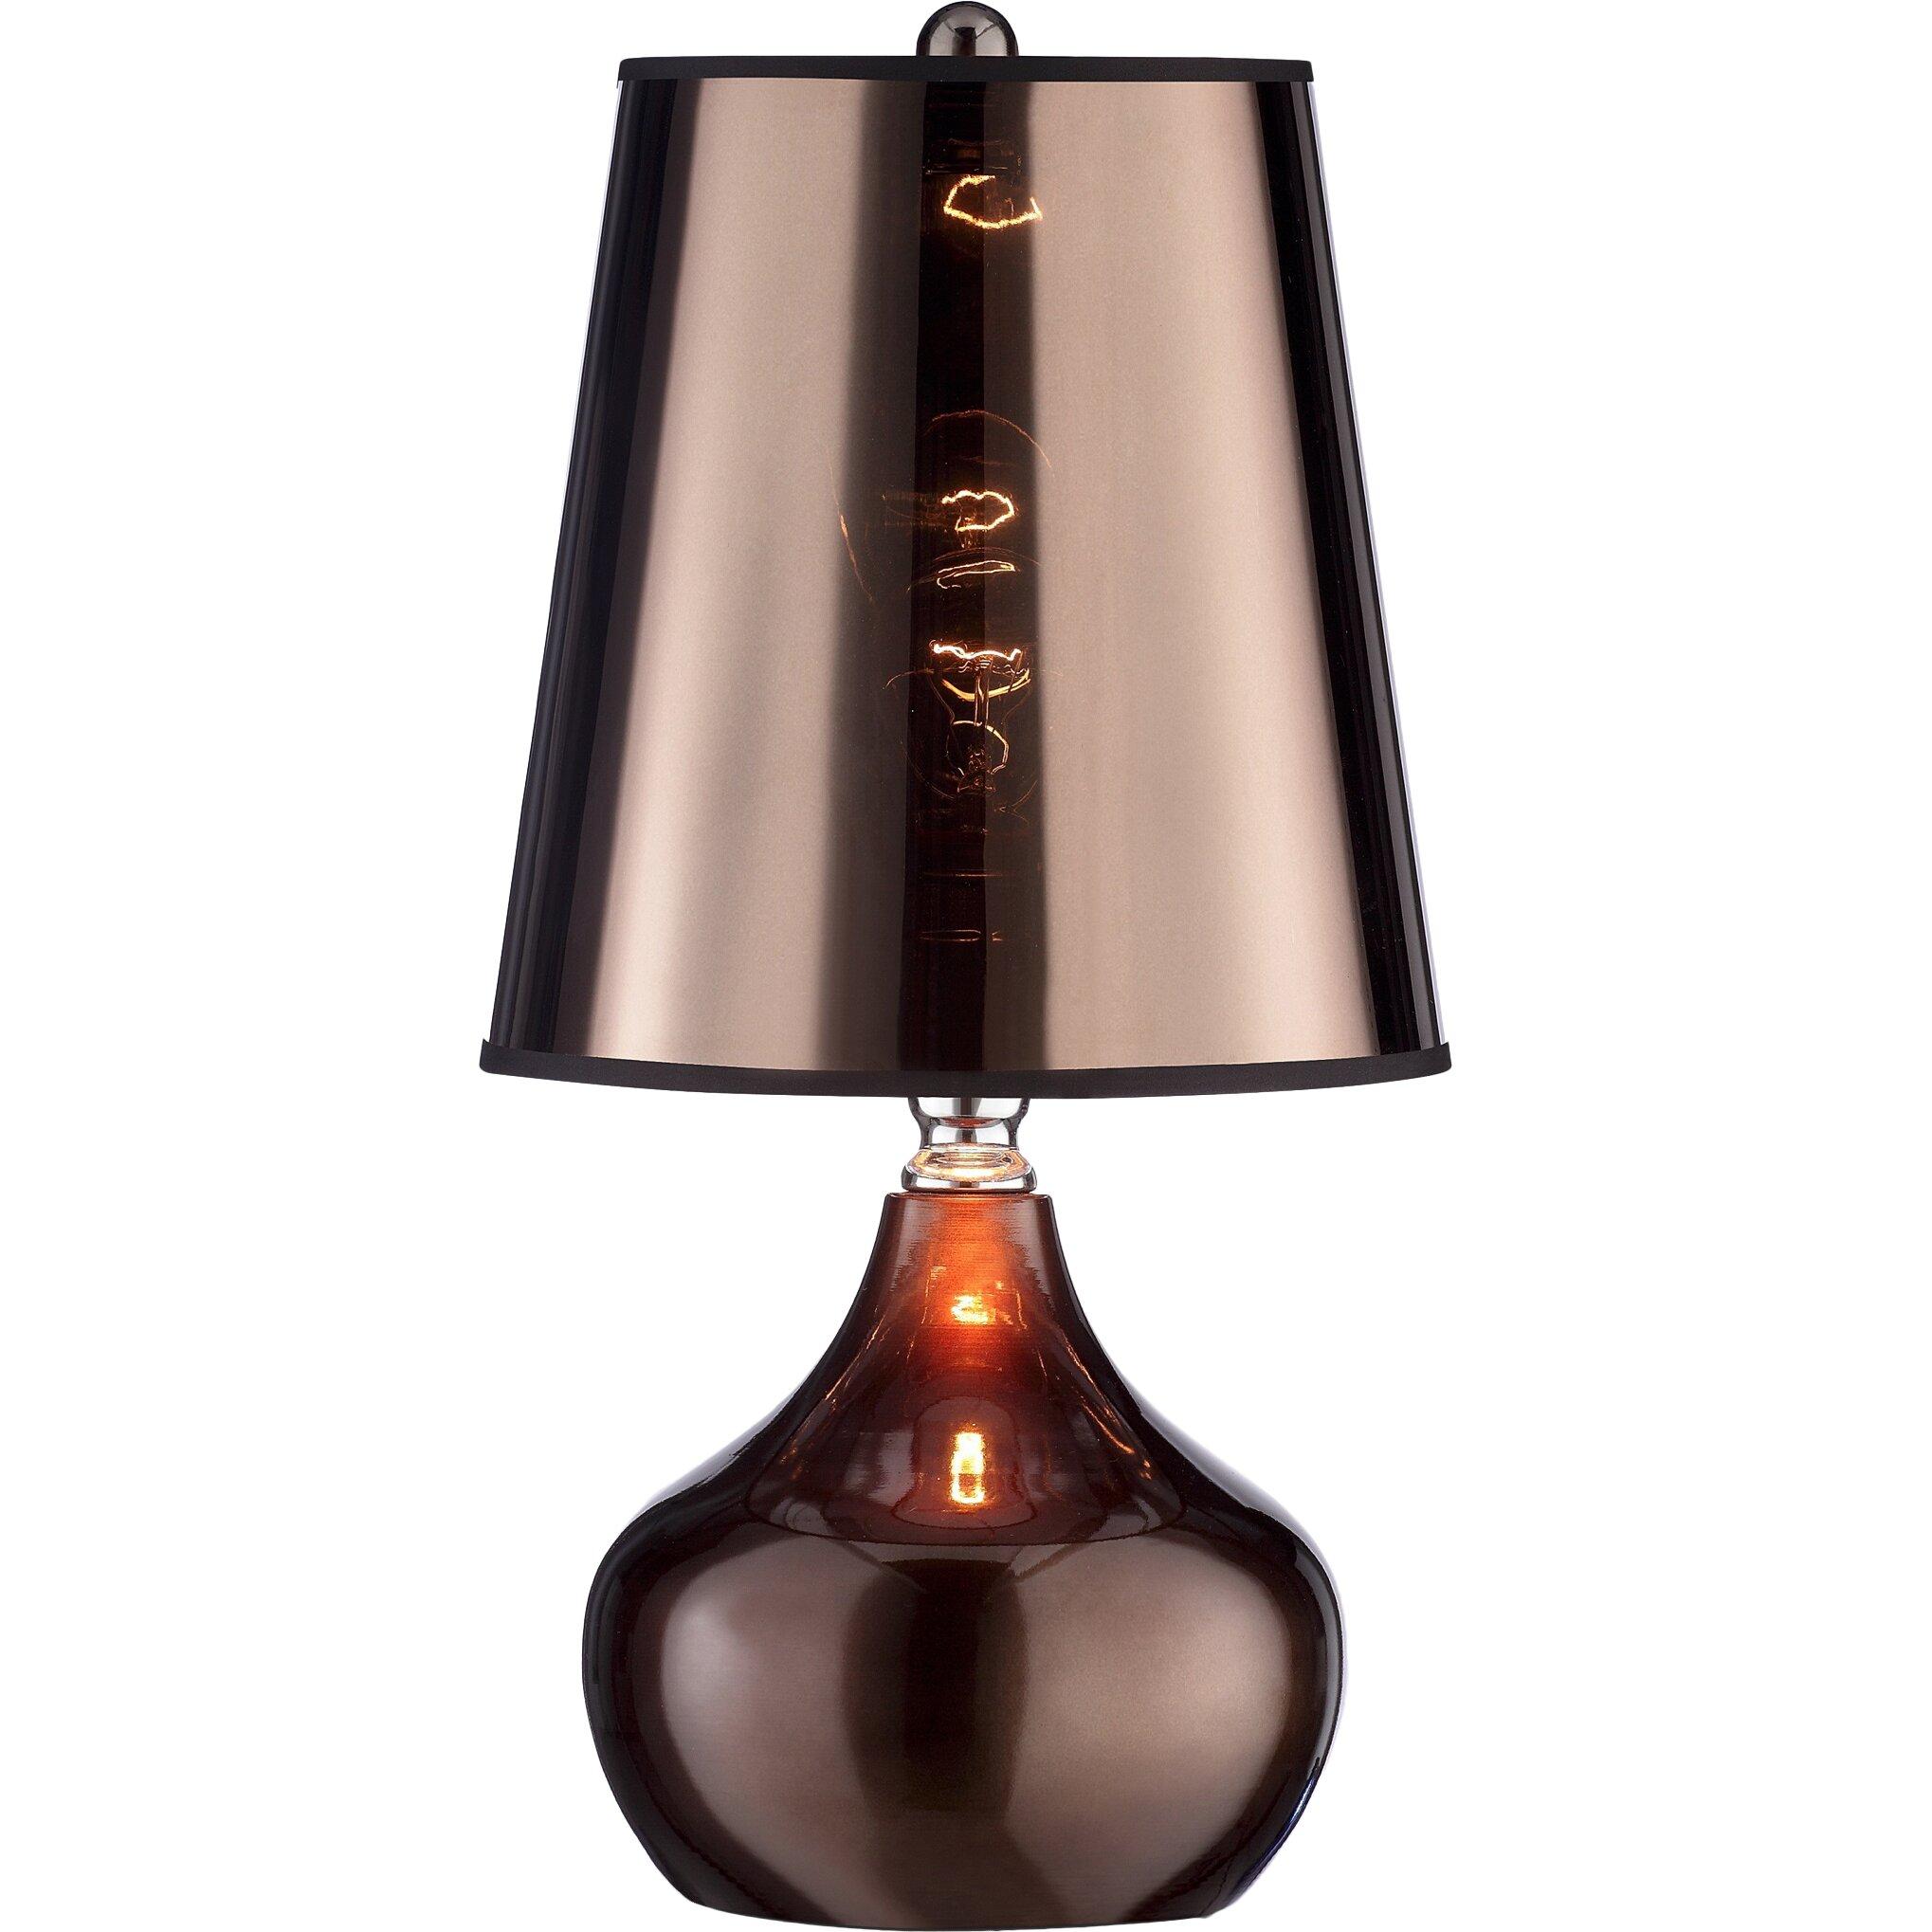 ok lighting lustre 18 table lamp reviews. Black Bedroom Furniture Sets. Home Design Ideas